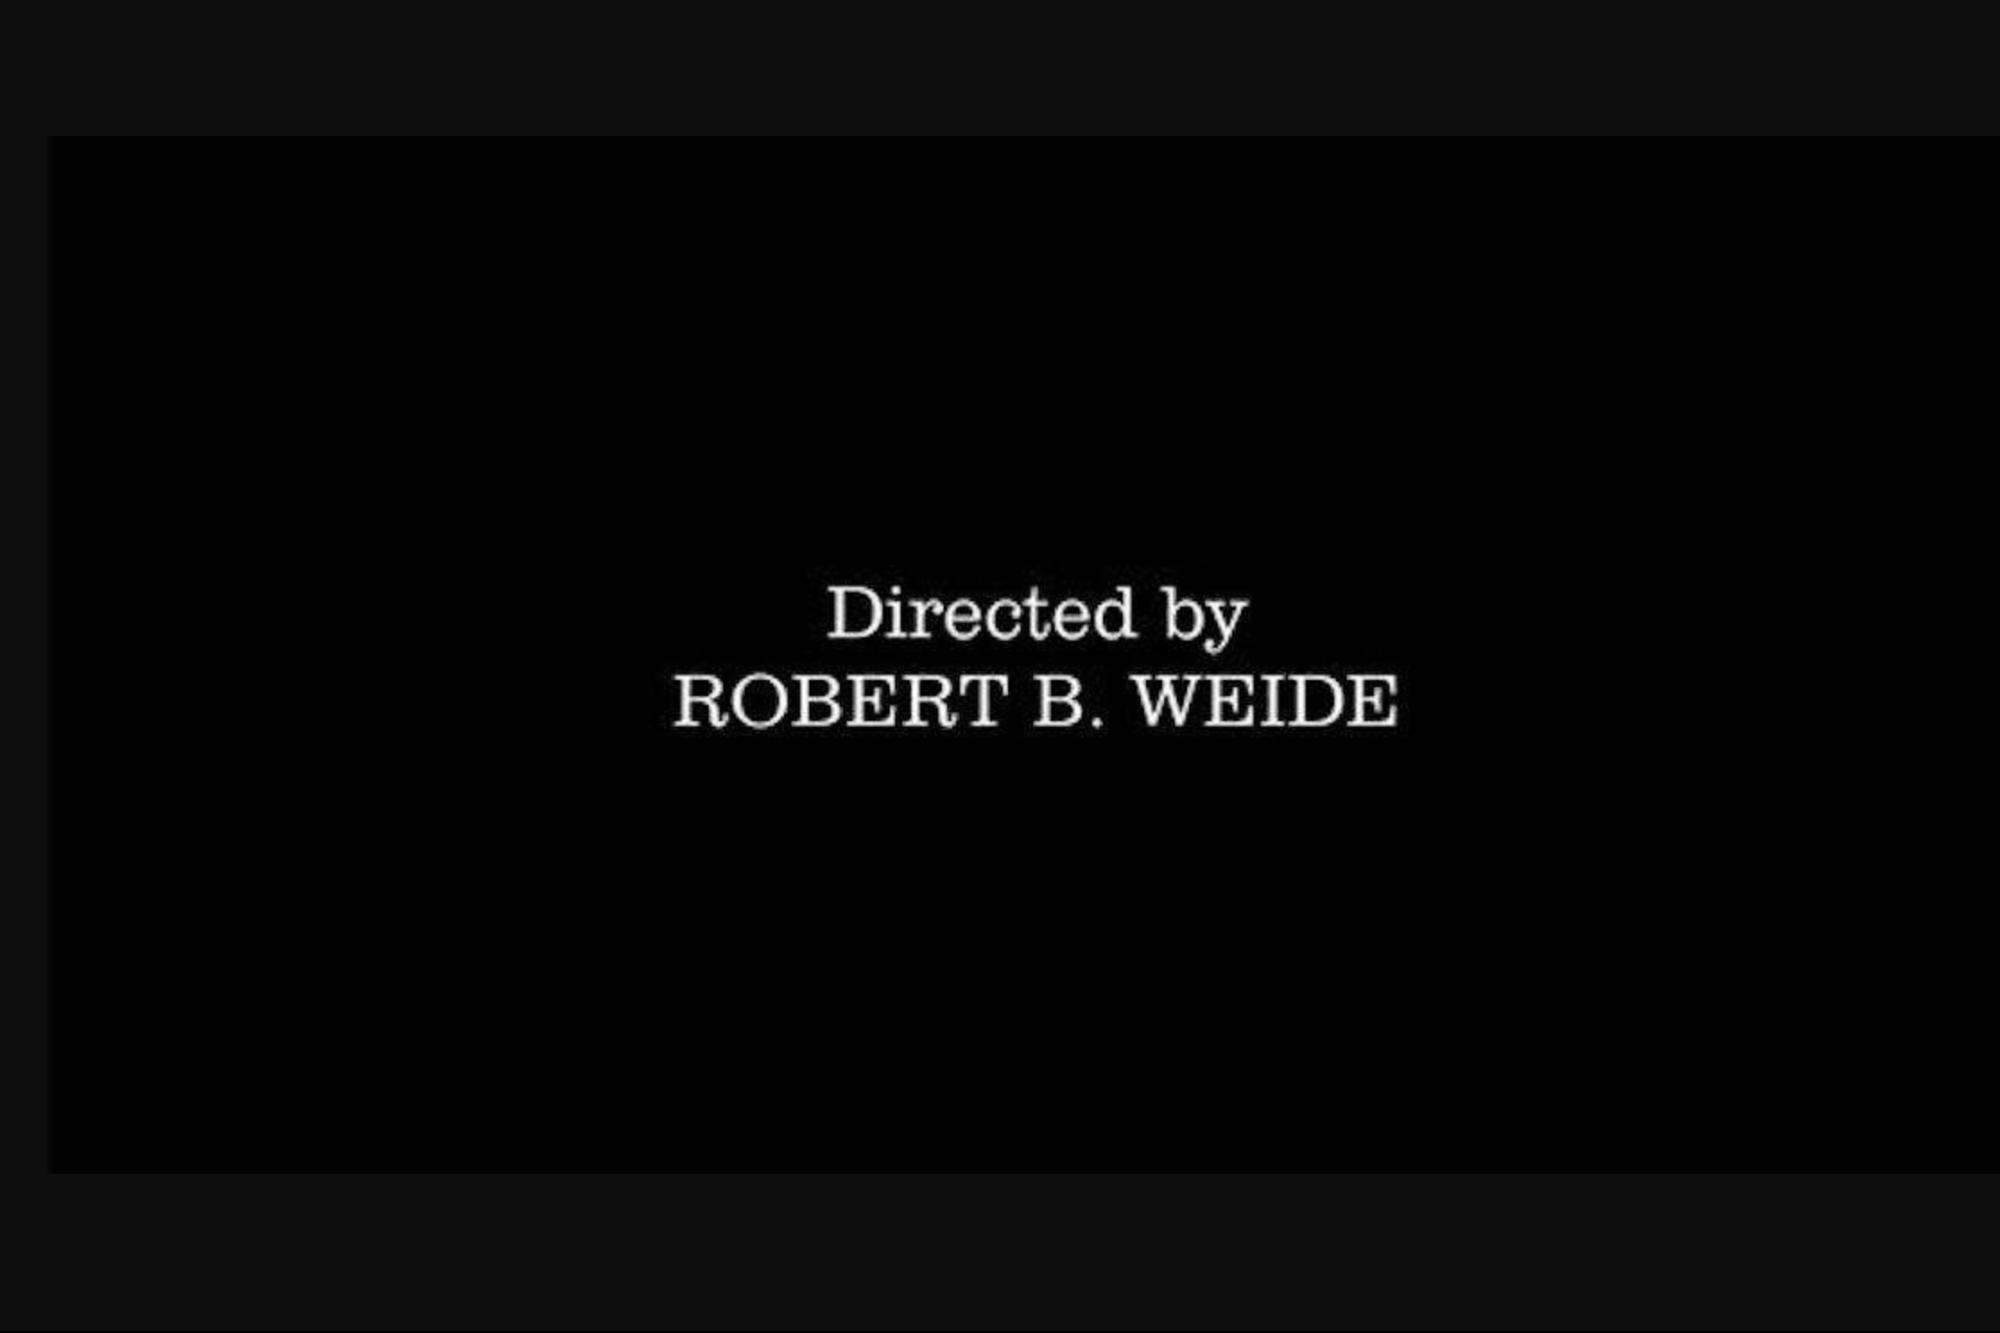 Quién es Robert B. Weide y por qué 'dirige' tantos memes?